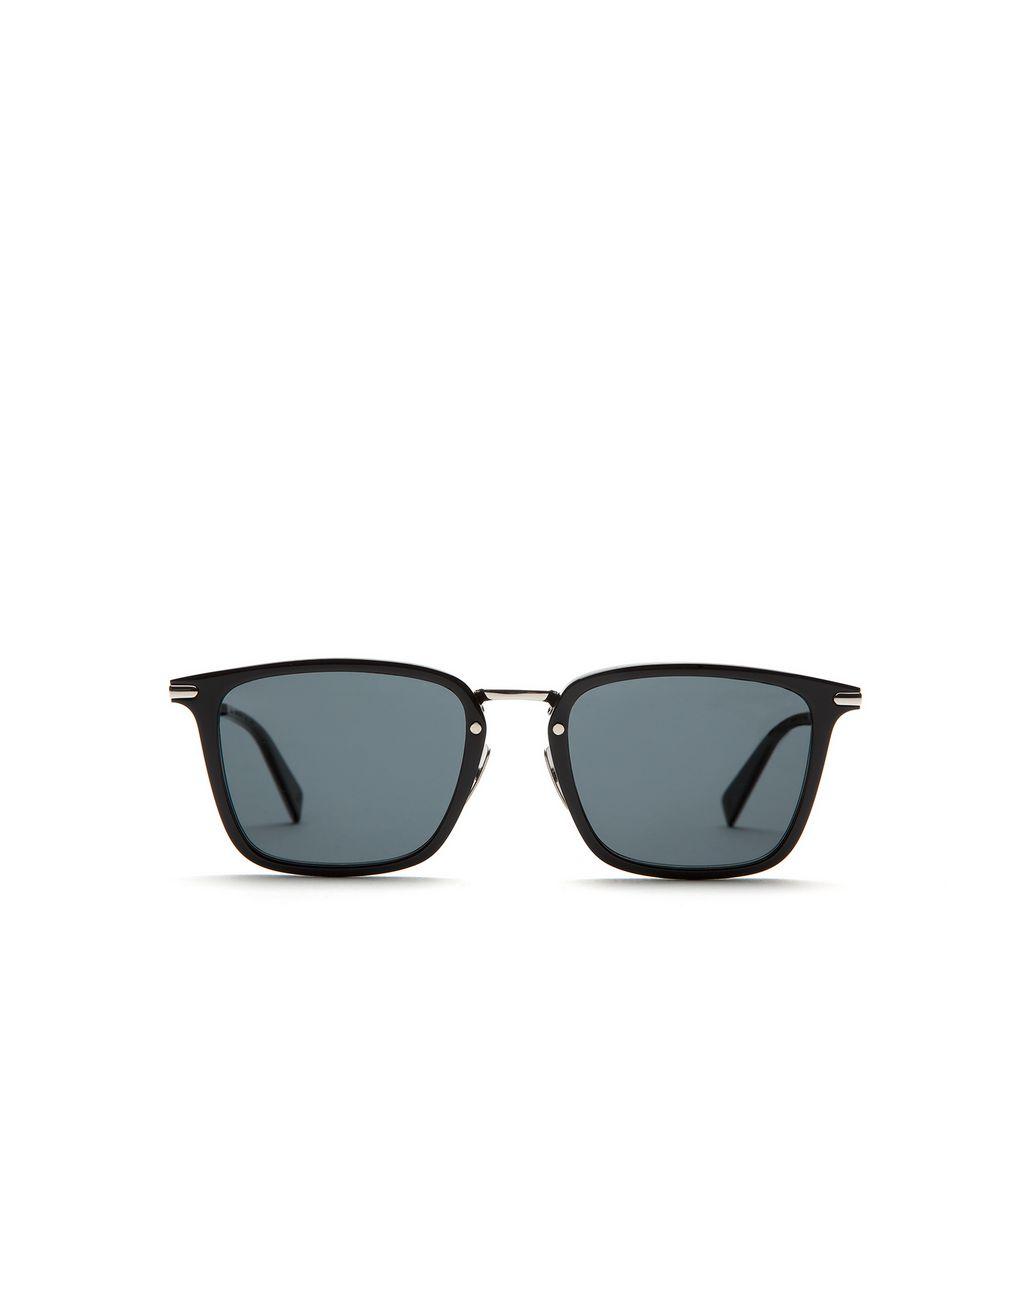 BRIONI Солнцезащитные очки в блестящей чёрной оправе с прямоугольными линзами серого цвета  Солнцезащитные очки [*** pickupInStoreShippingNotGuaranteed_info ***] f